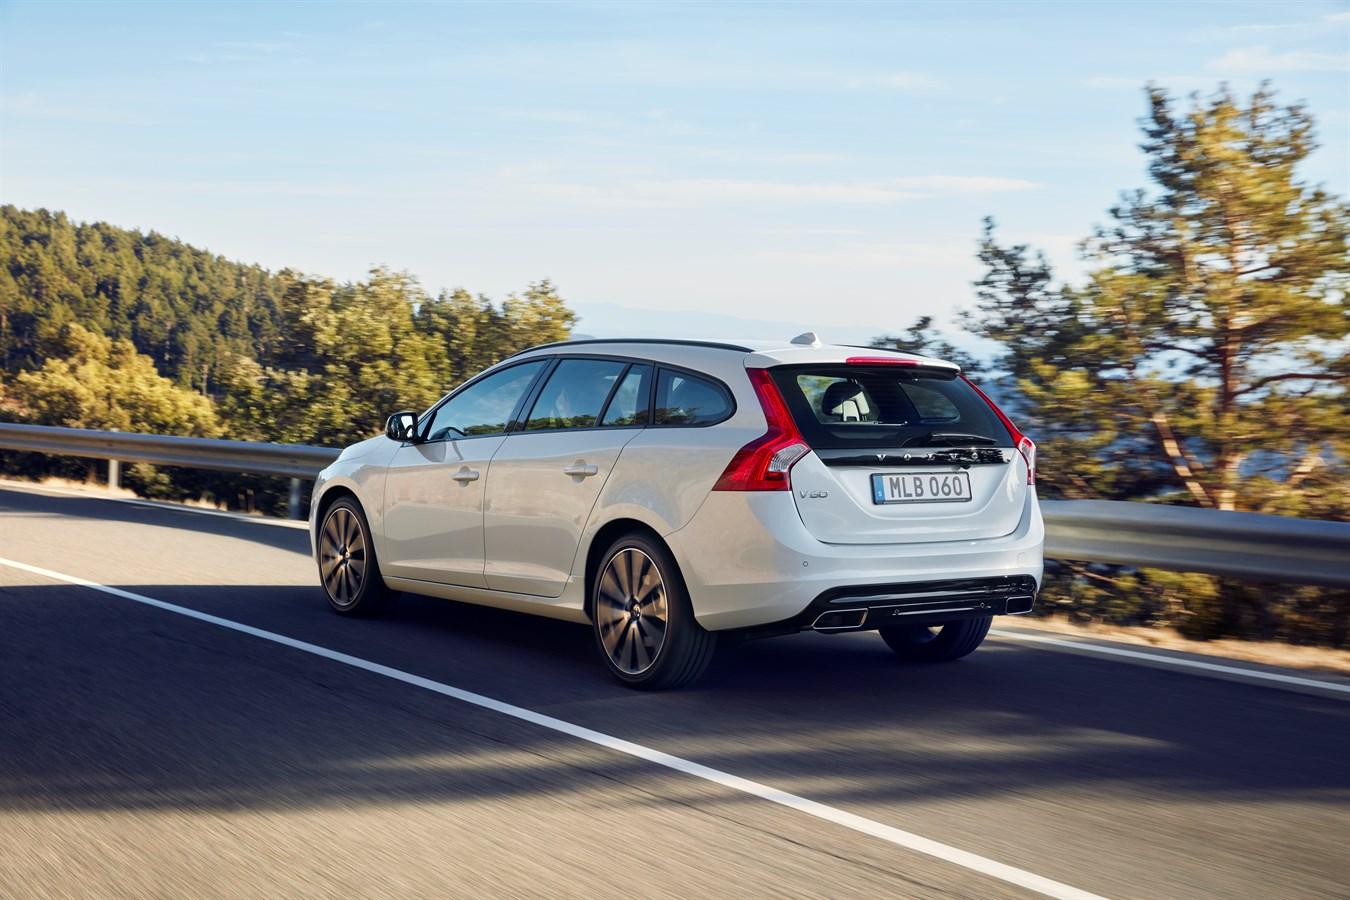 s60 et v60 dynamic edition de volvo cars le plaisir de la conduite avec une touche de design. Black Bedroom Furniture Sets. Home Design Ideas